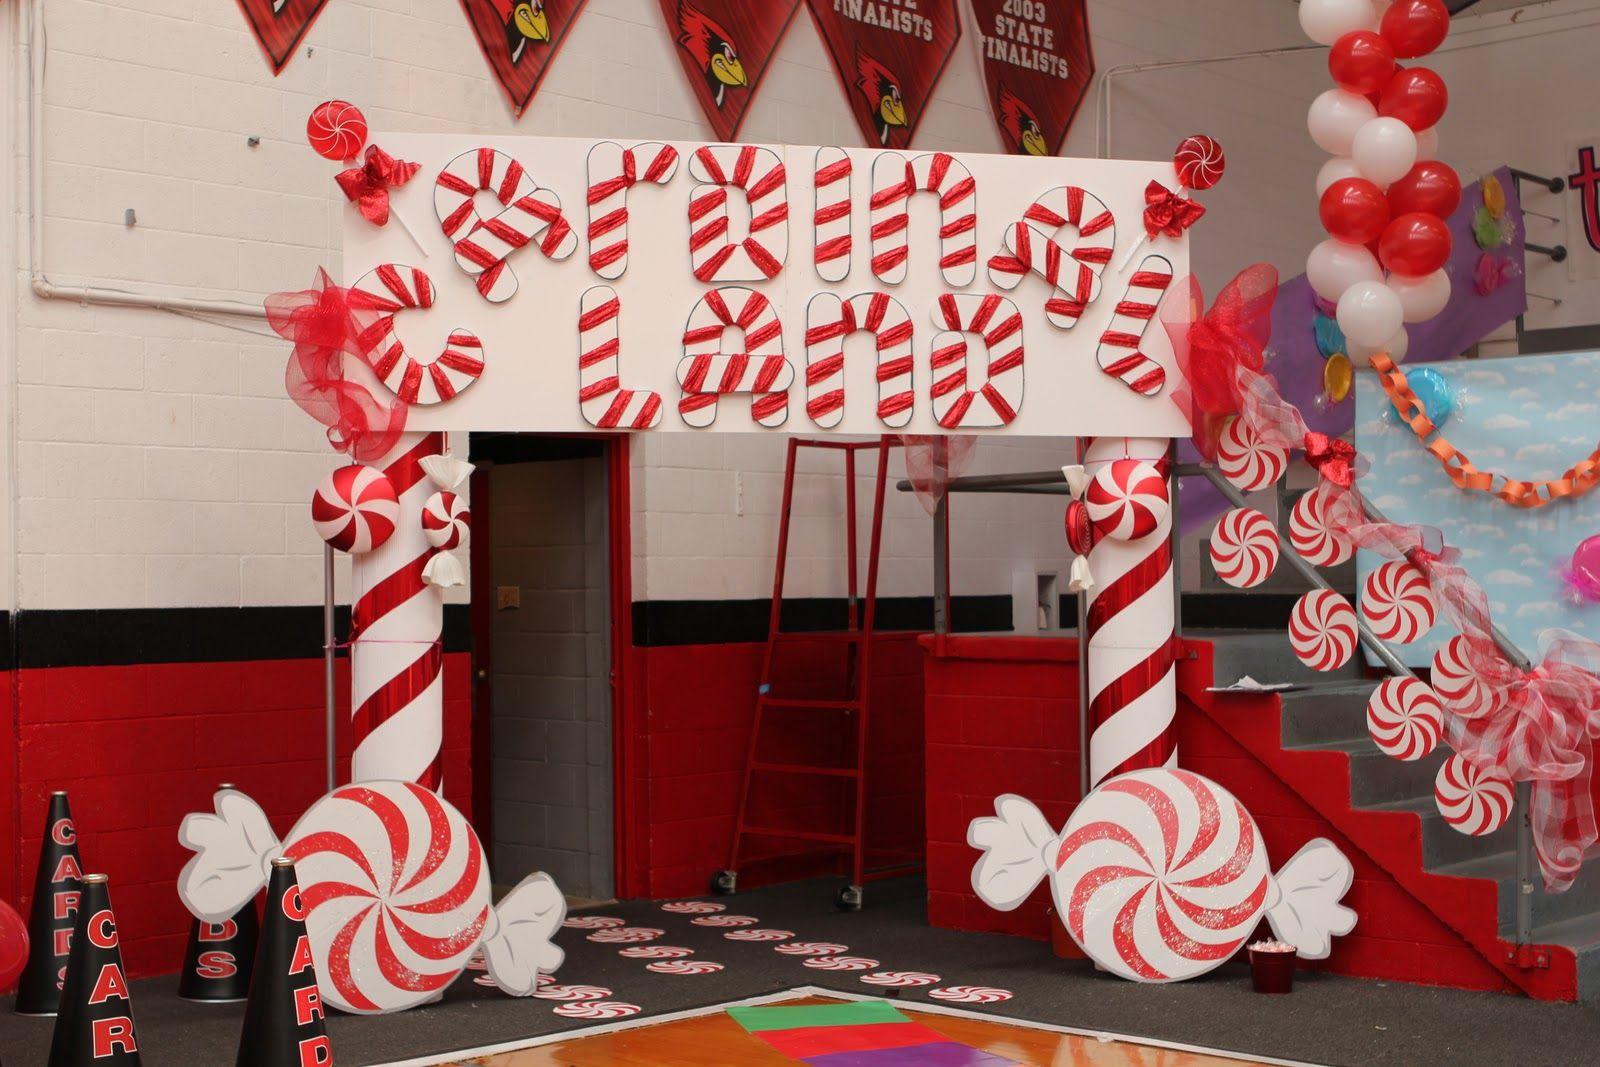 Candy Cane Lane Decorations Http3Bpblogspots8W29Isz_00Tpuvktgerdiaaaaaaaabsi